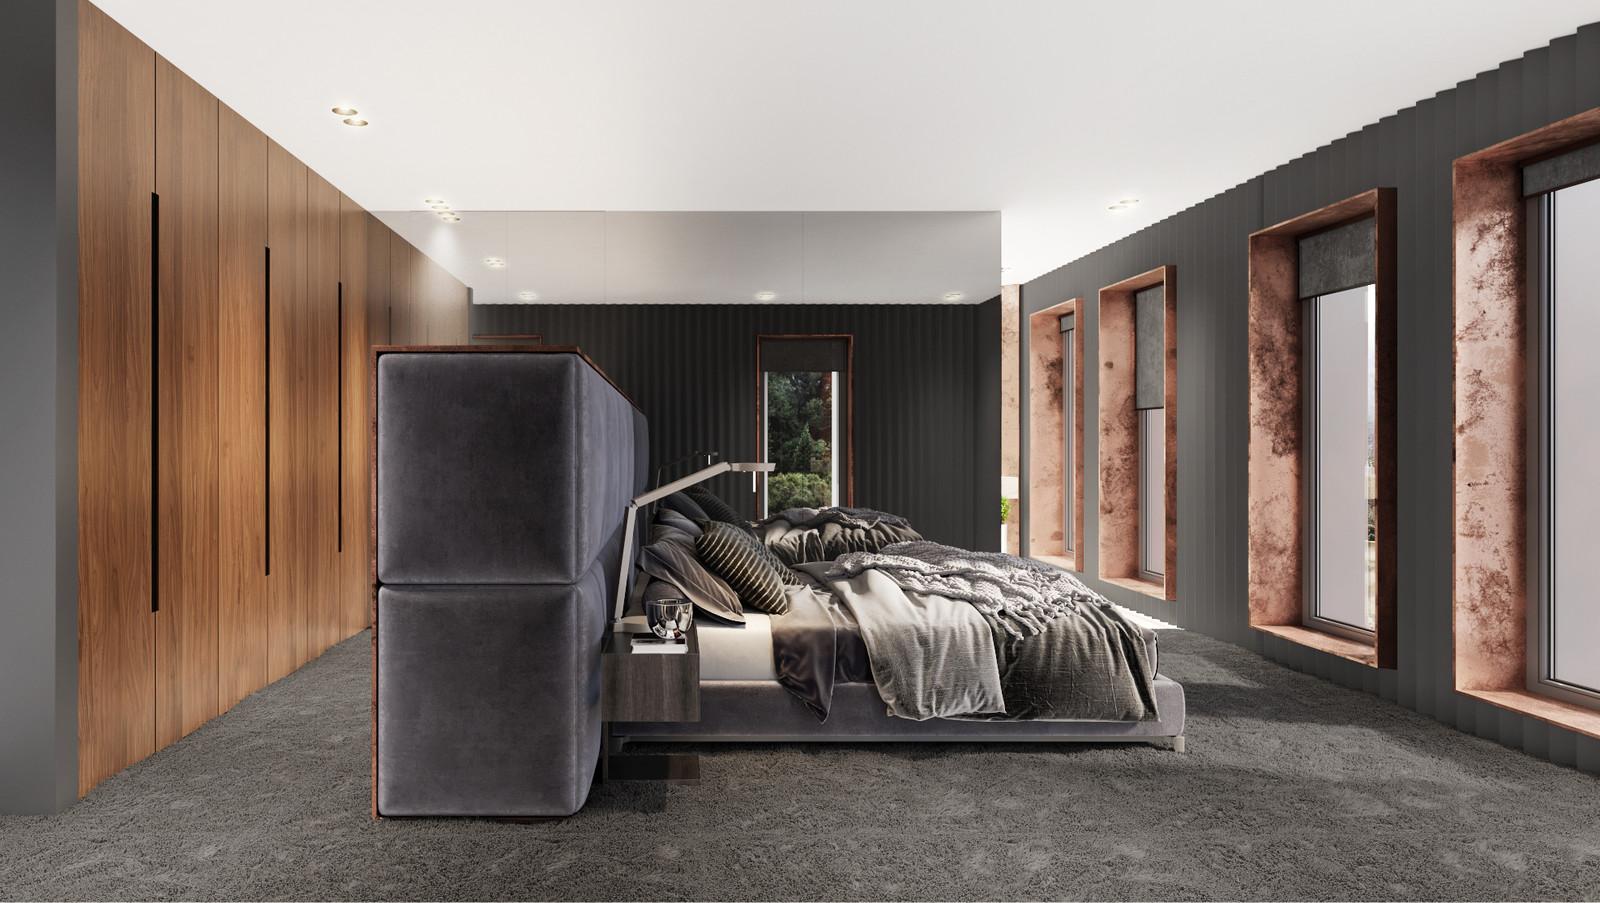 интериорен дизайн на спалня с дървени елементи и отворен гардероб